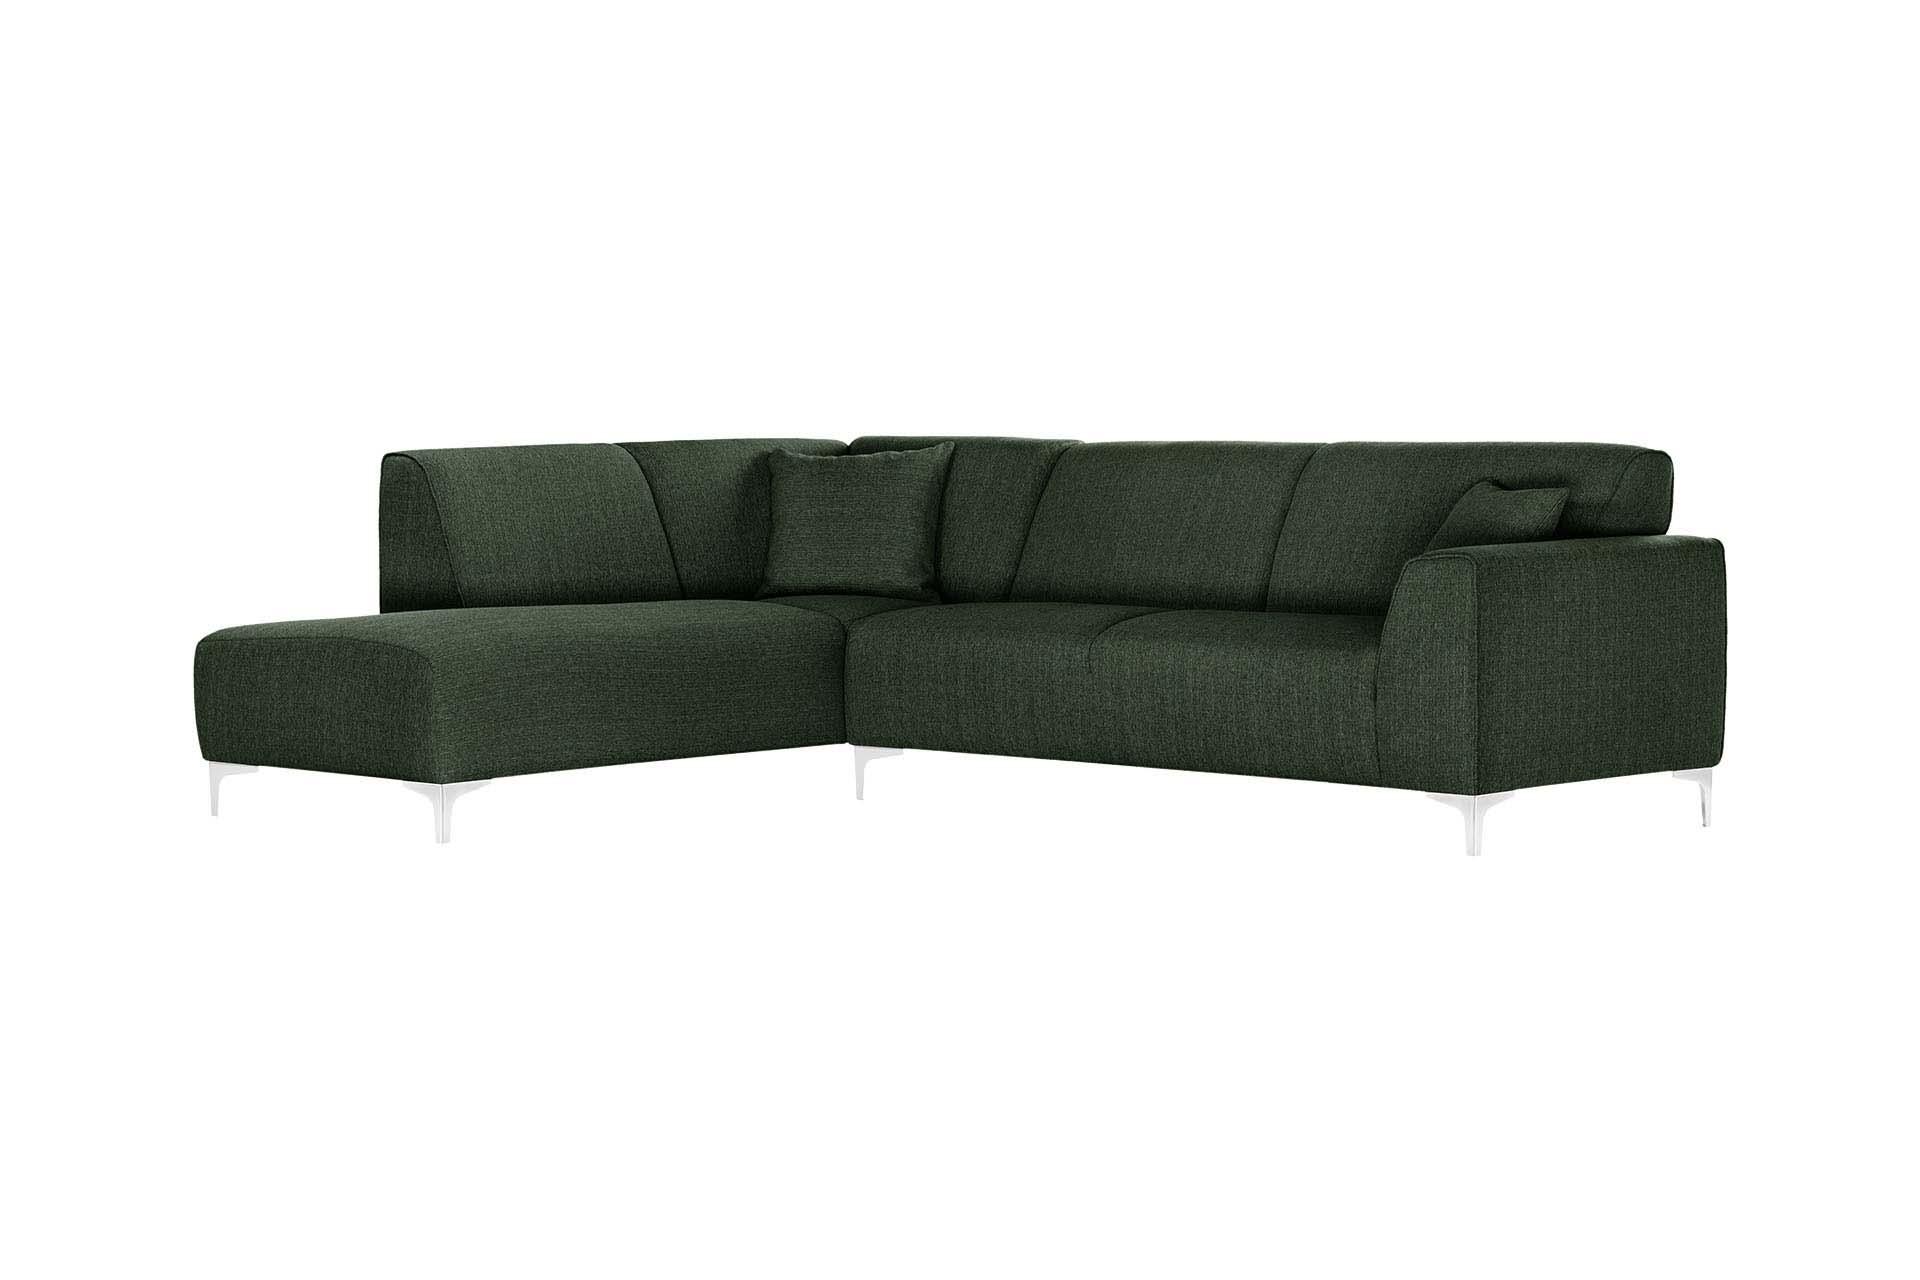 Canapé d'angle 5 places Design Vert